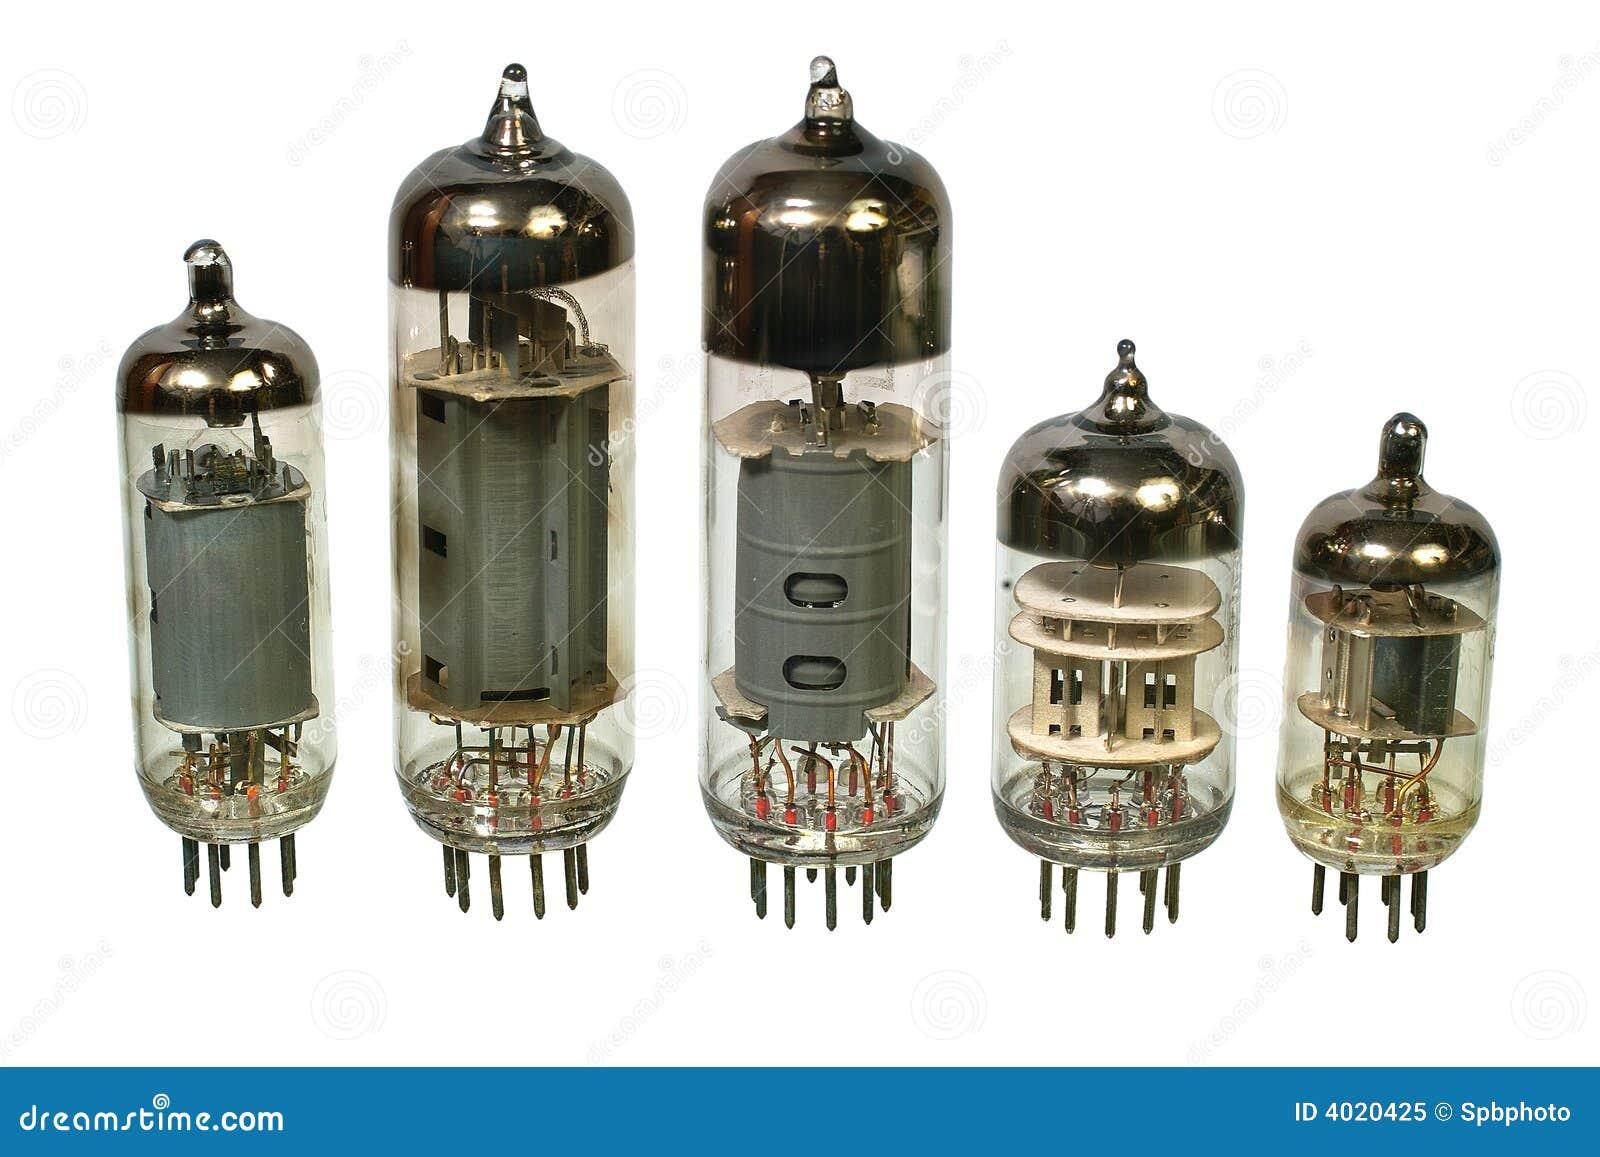 oude vacu u00fcm radiobuizen  stock afbeelding  afbeelding bestaande uit elektro